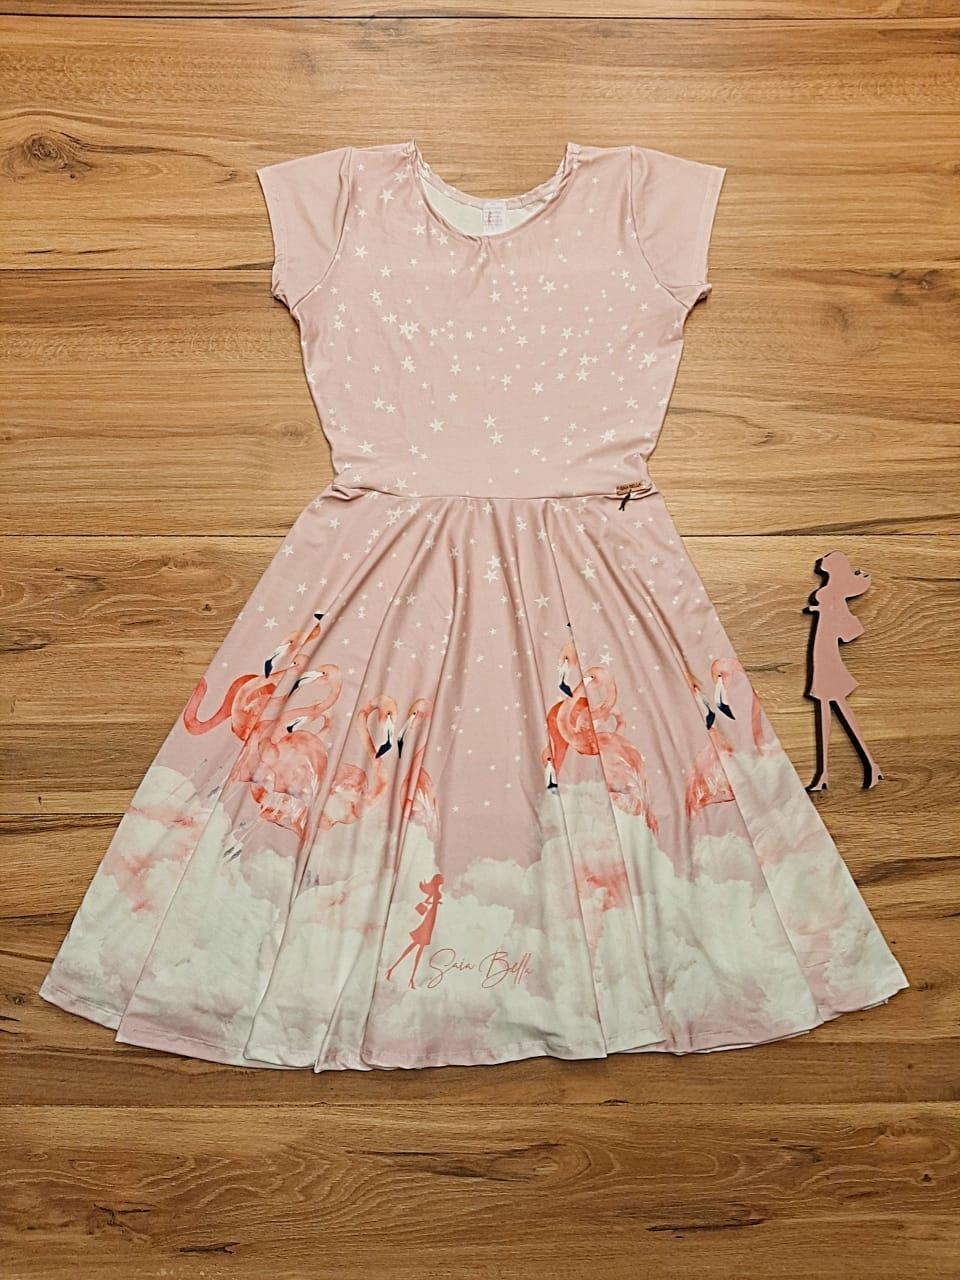 Vestido Midi Flamingos Saia Bella cod SB885